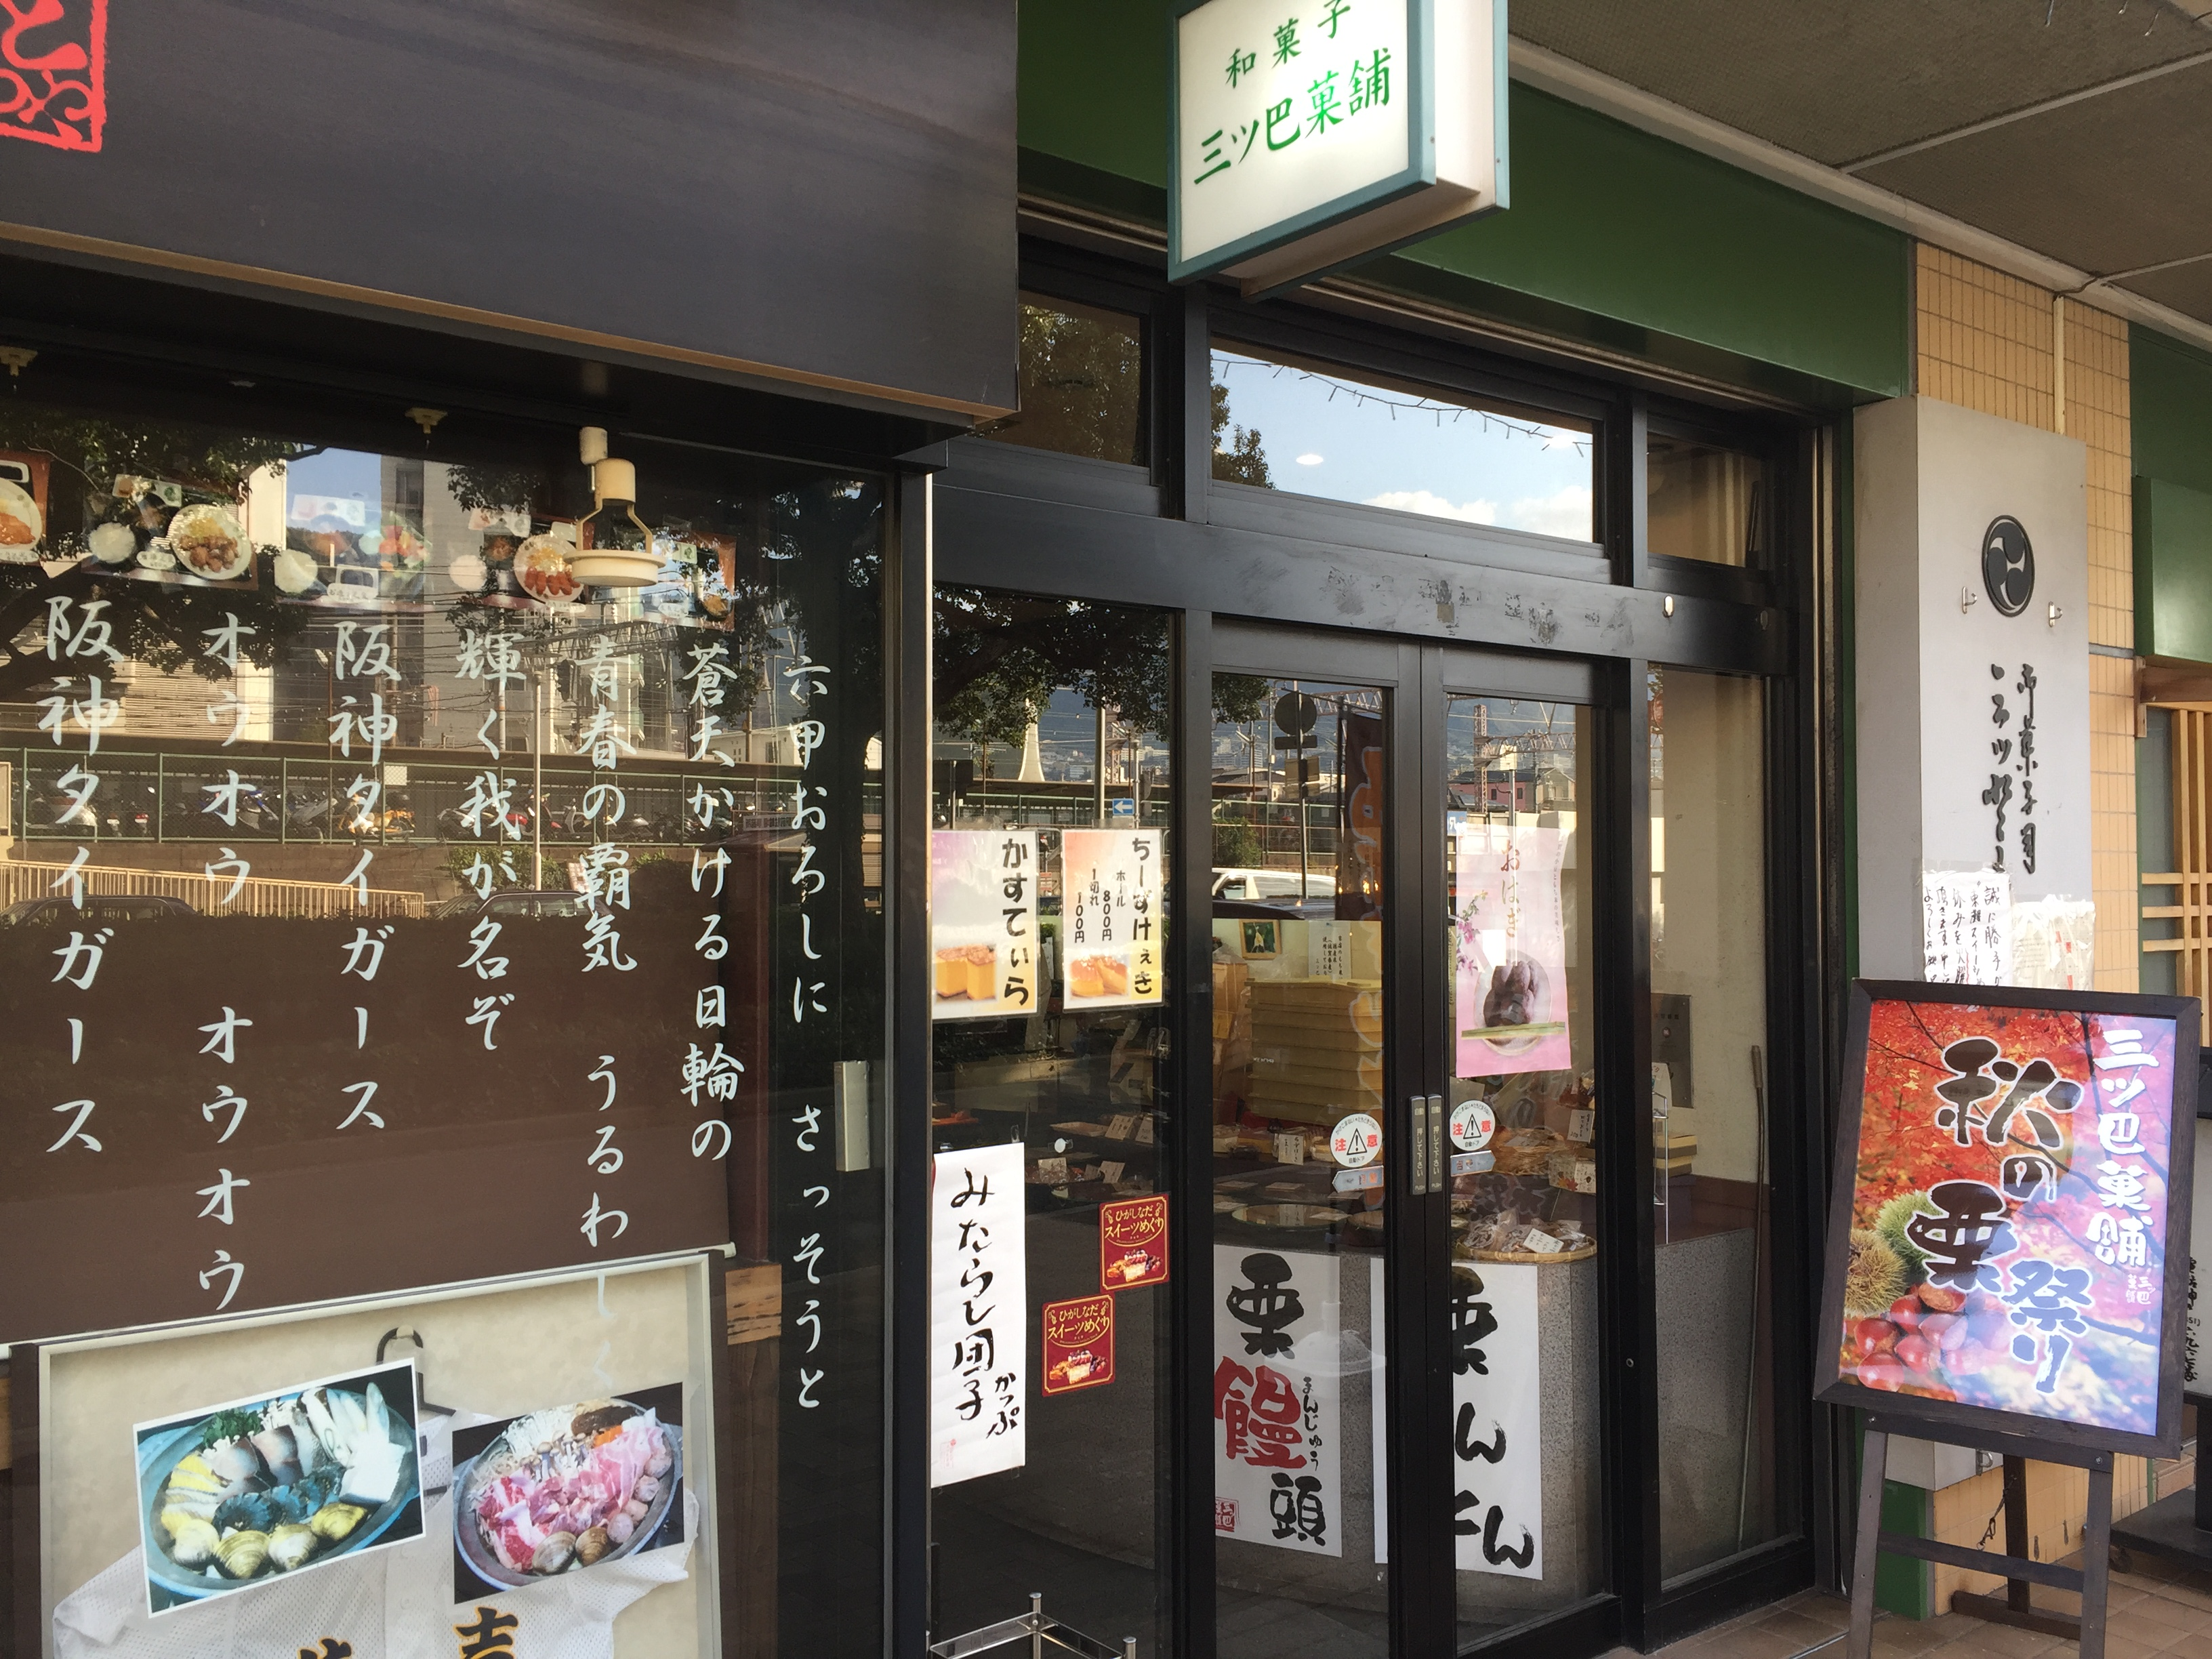 神戸・住吉にある和菓子の「三ツ巴菓舗」のフルーツ大福&どら焼きは超おすすめ!【ひがしなだスイーツめぐり対象】